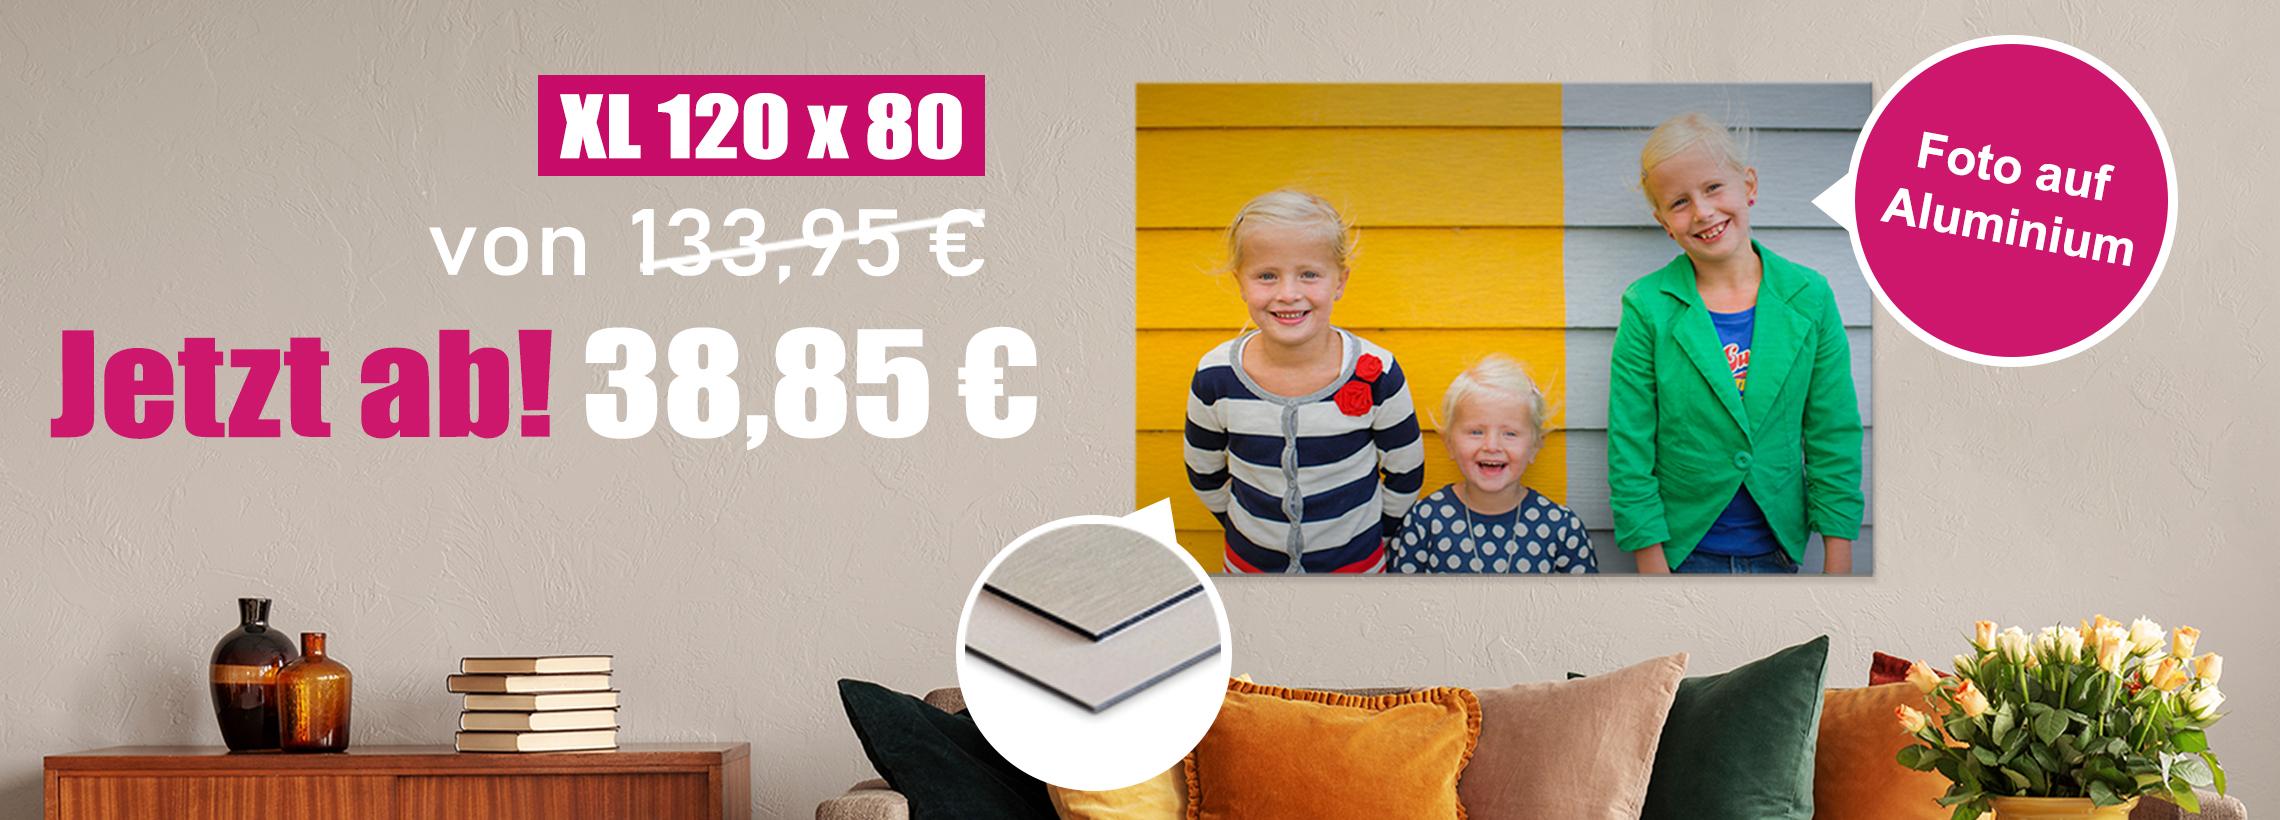 XL-Foto auf Aluminium 120x80 cm ab 38,85 €